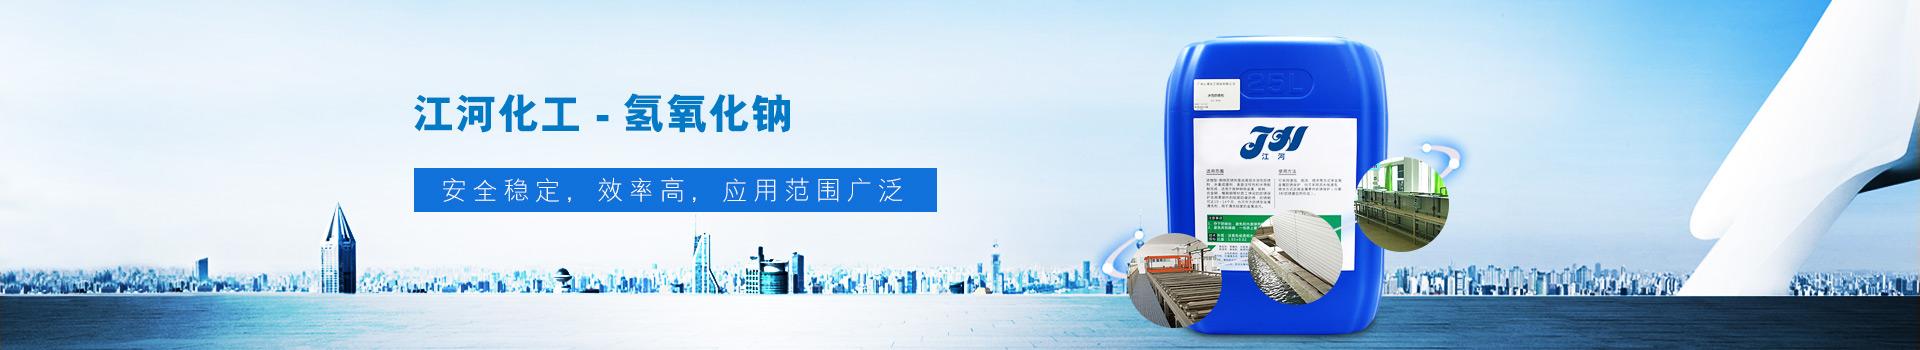 江河化工氢氧化钠,安全稳定,效率高,应用范围广